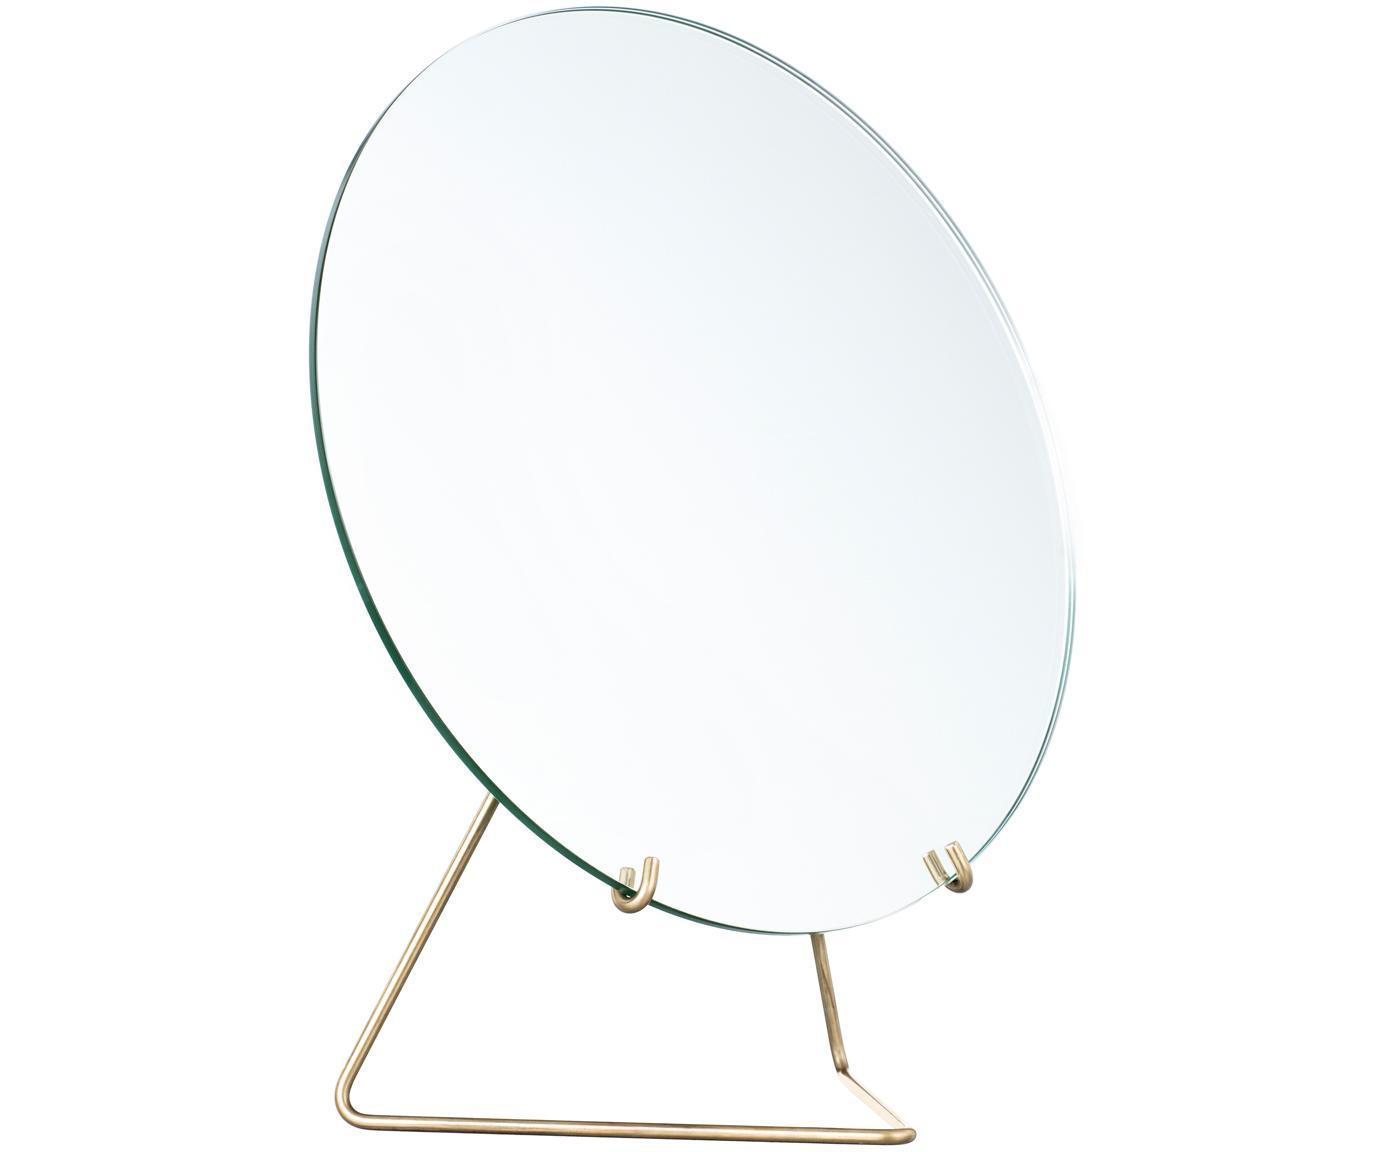 Make-up spiegel Standing Mirror, Ophanging: messingkleurig. Spiegel: spiegelglas, 30 x 35 cm